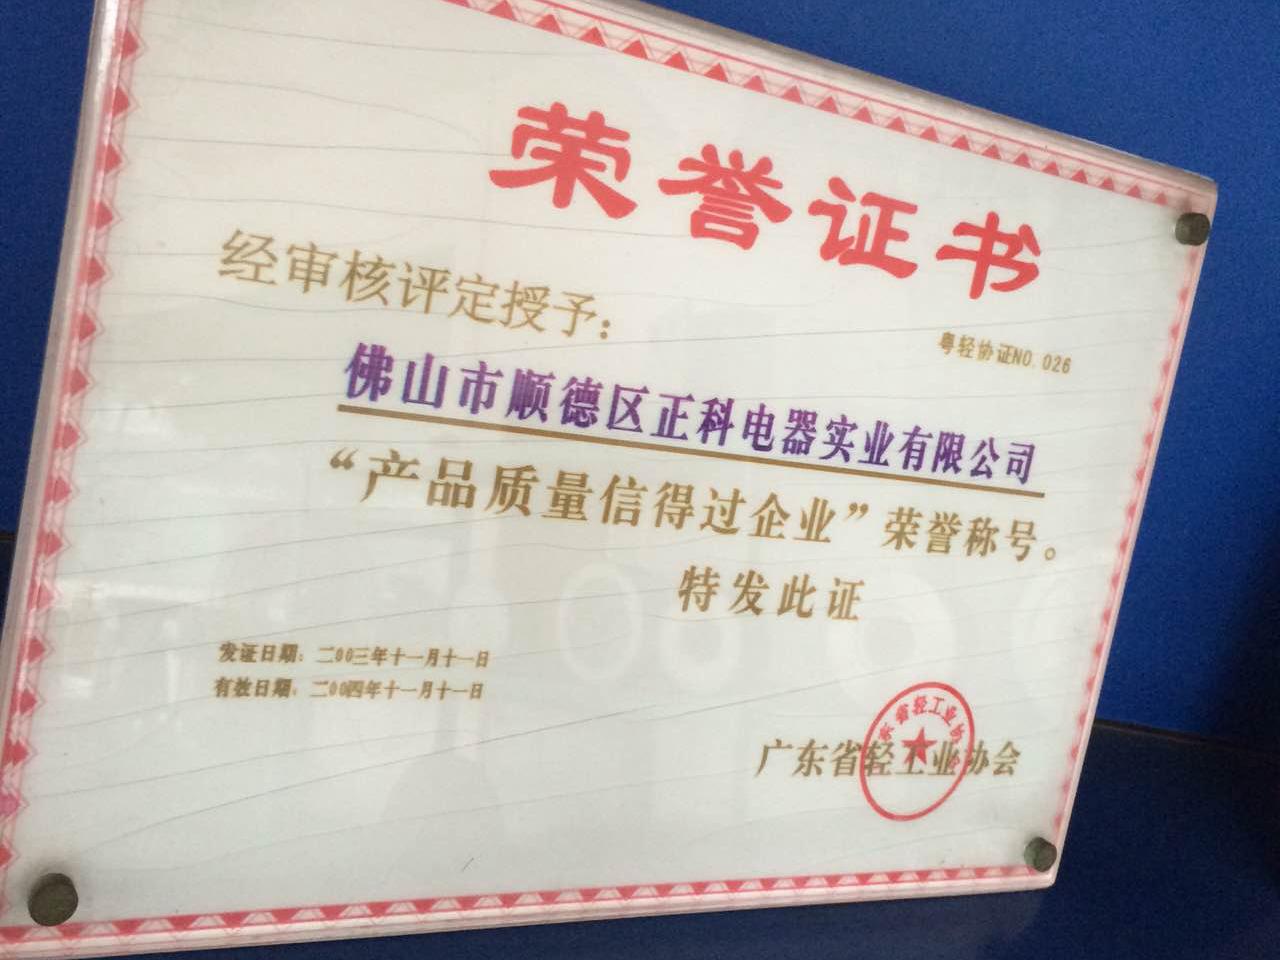 广东省轻工业协会授予风臣风机为产品质量信得